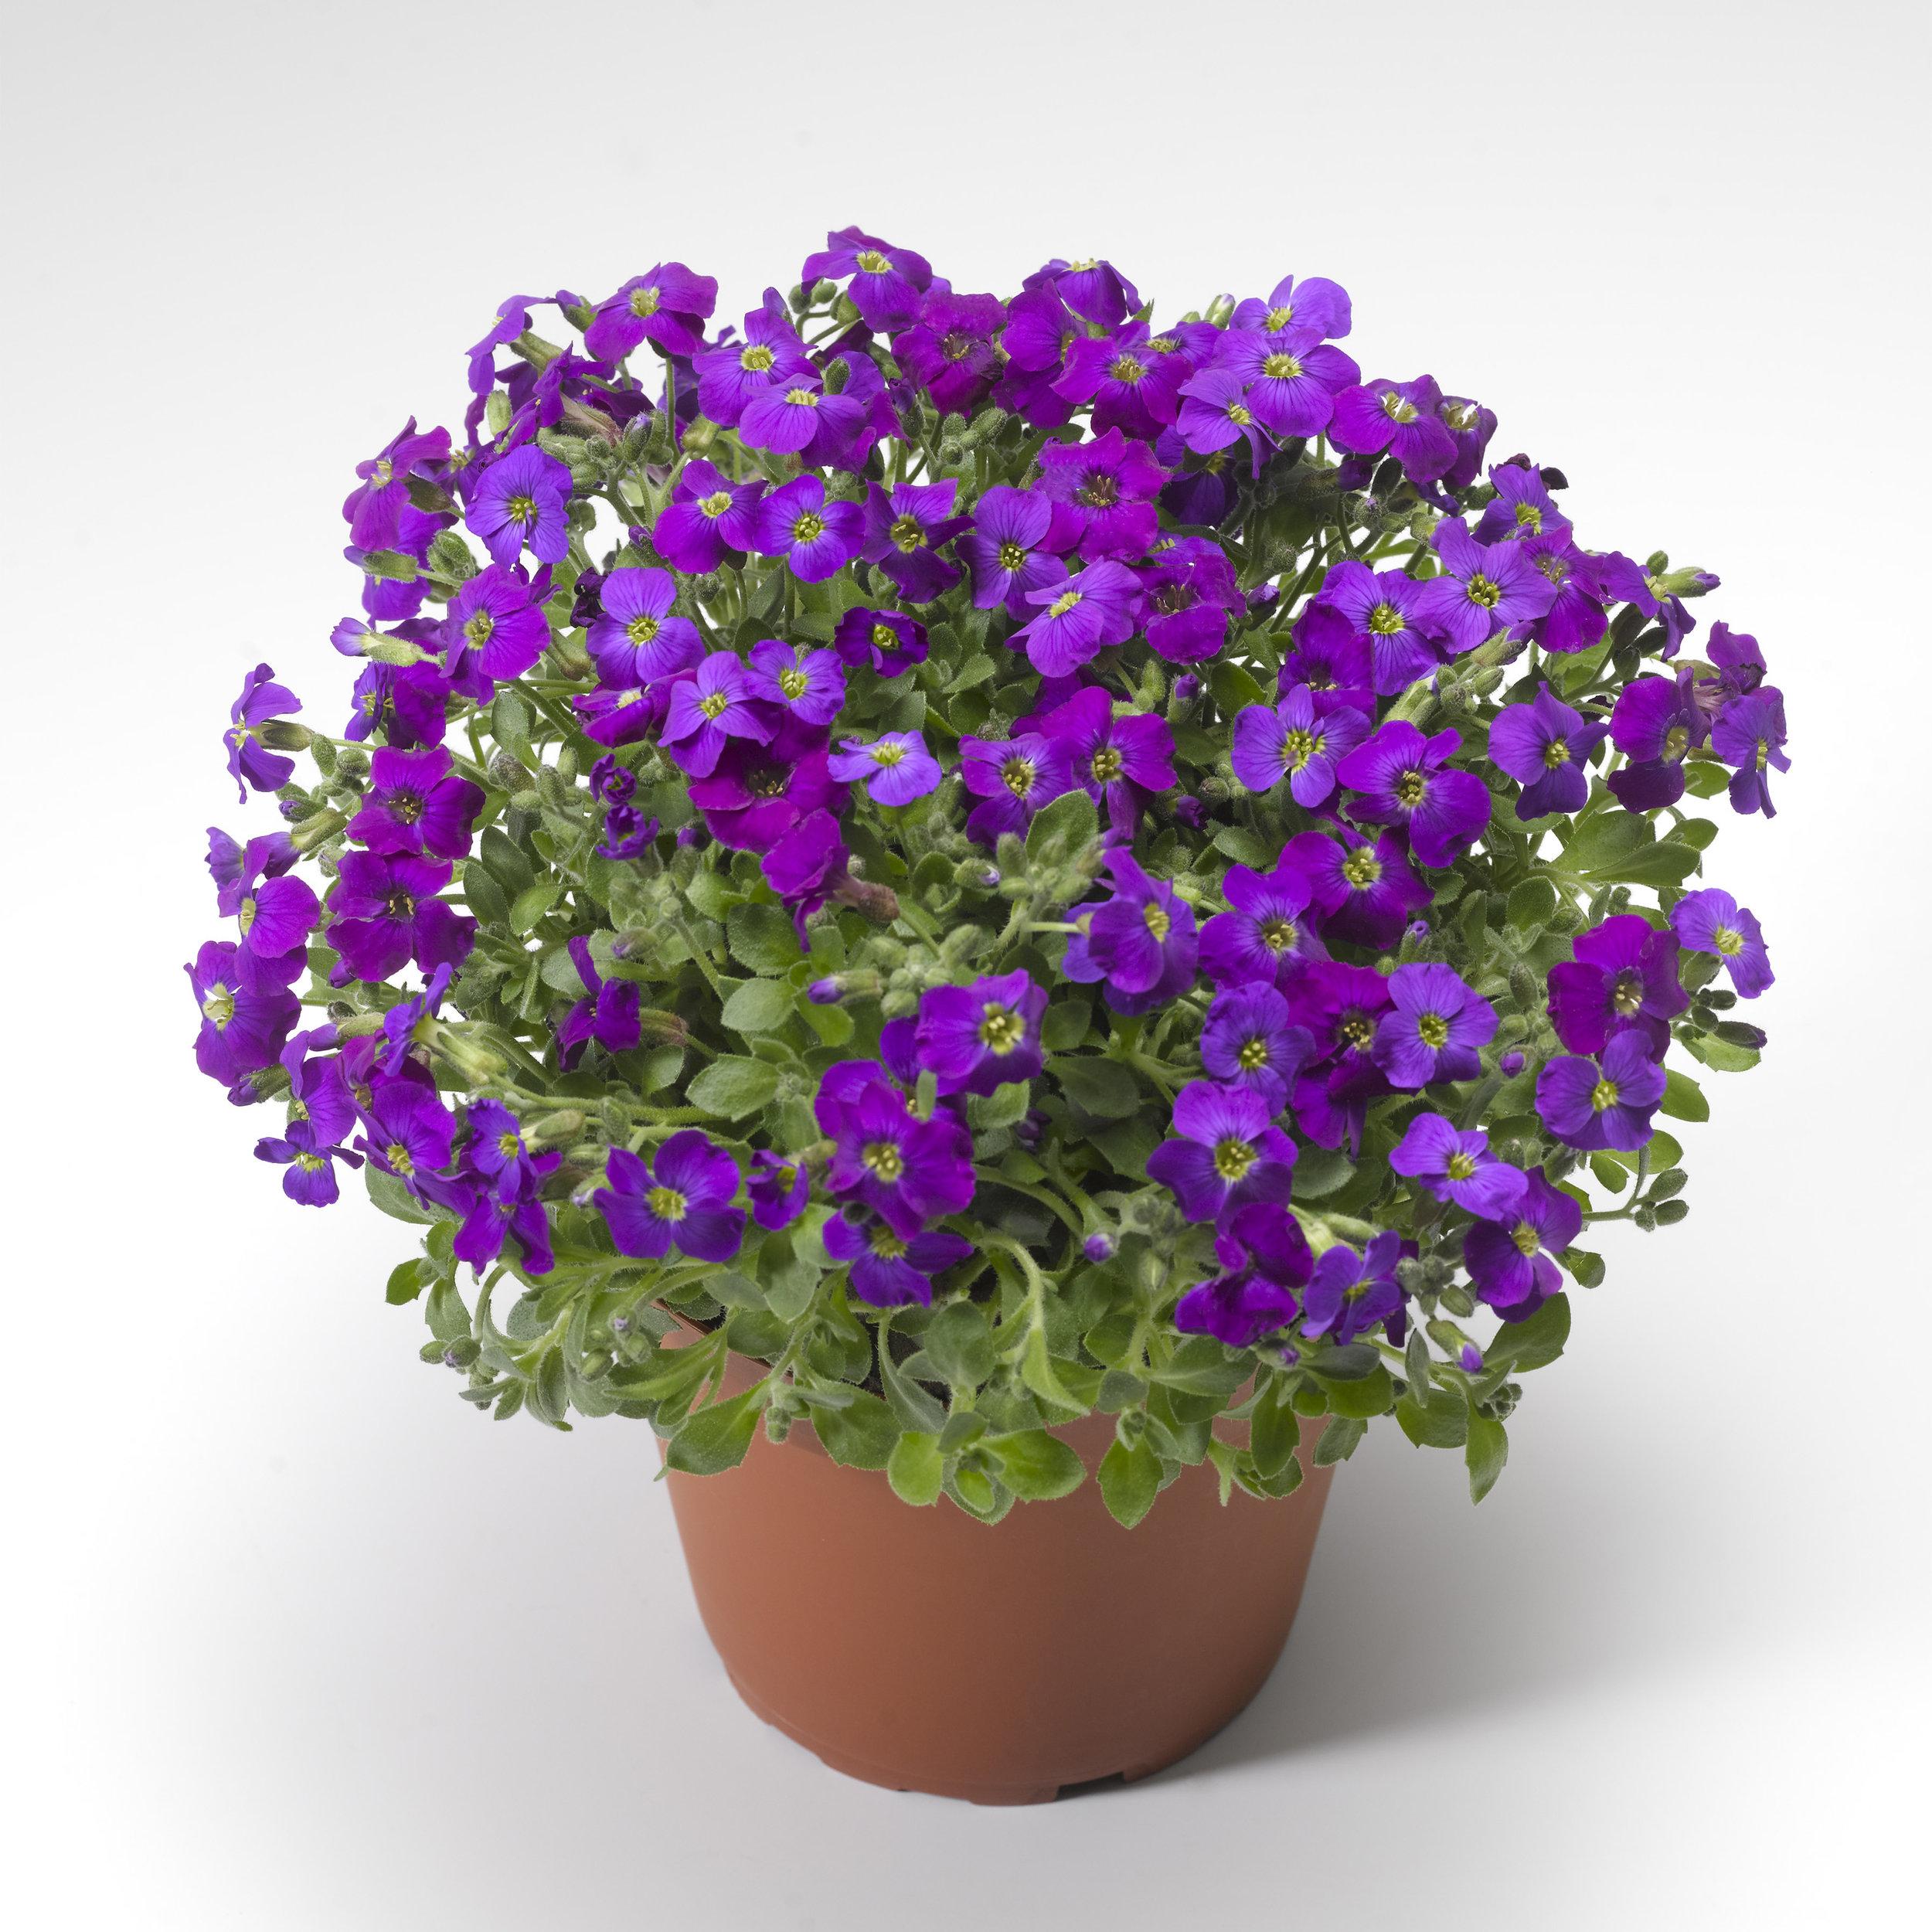 HR_Seed_Aubrieta_Audrey™_Audrey™_Purple_Shades_70028035_2.jpg